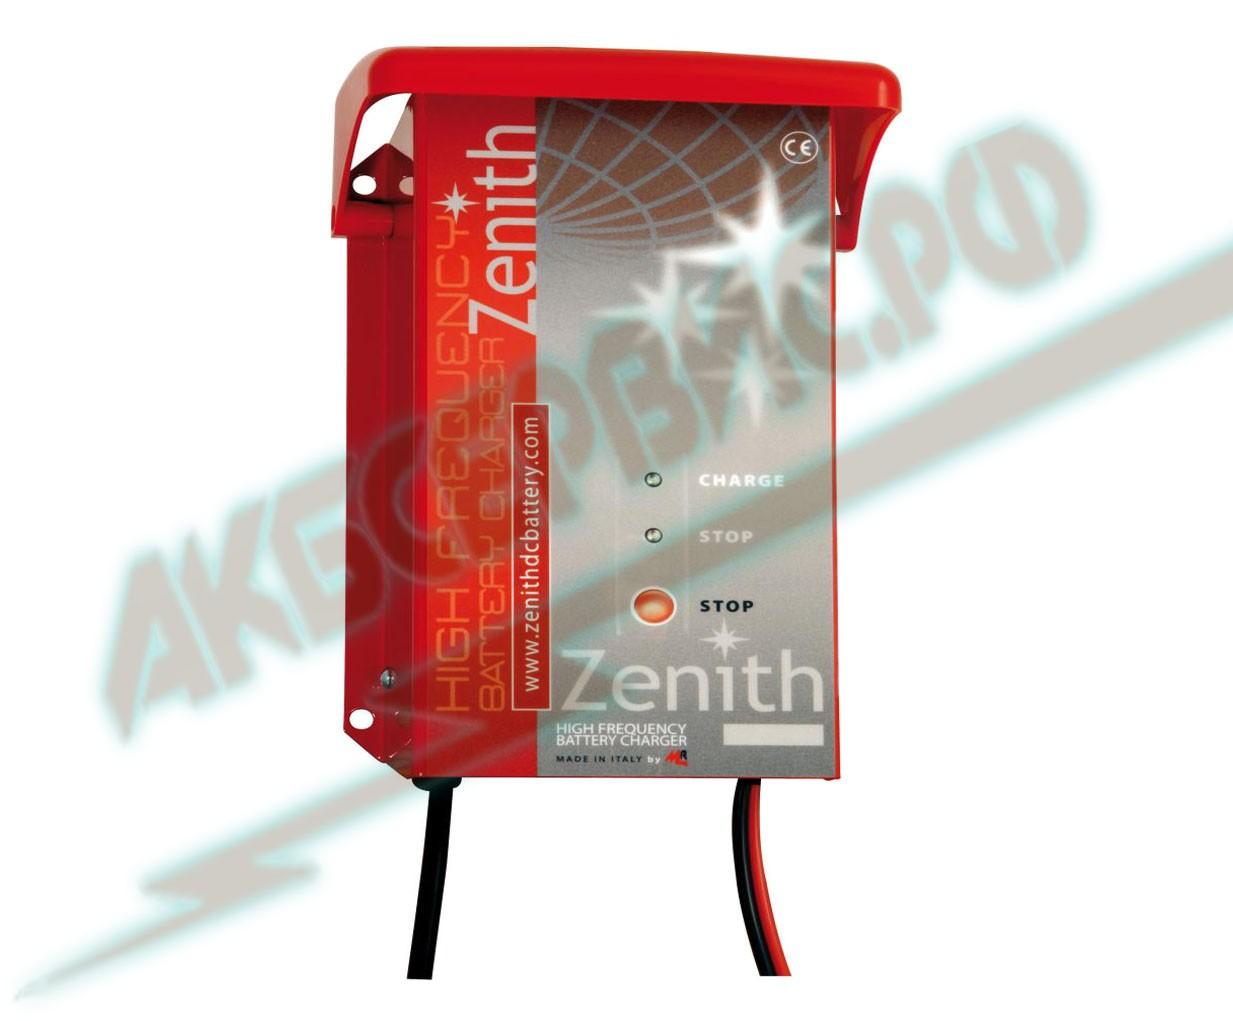 Акбсервис.РФ | Зарядное устройство - Zenith 2460